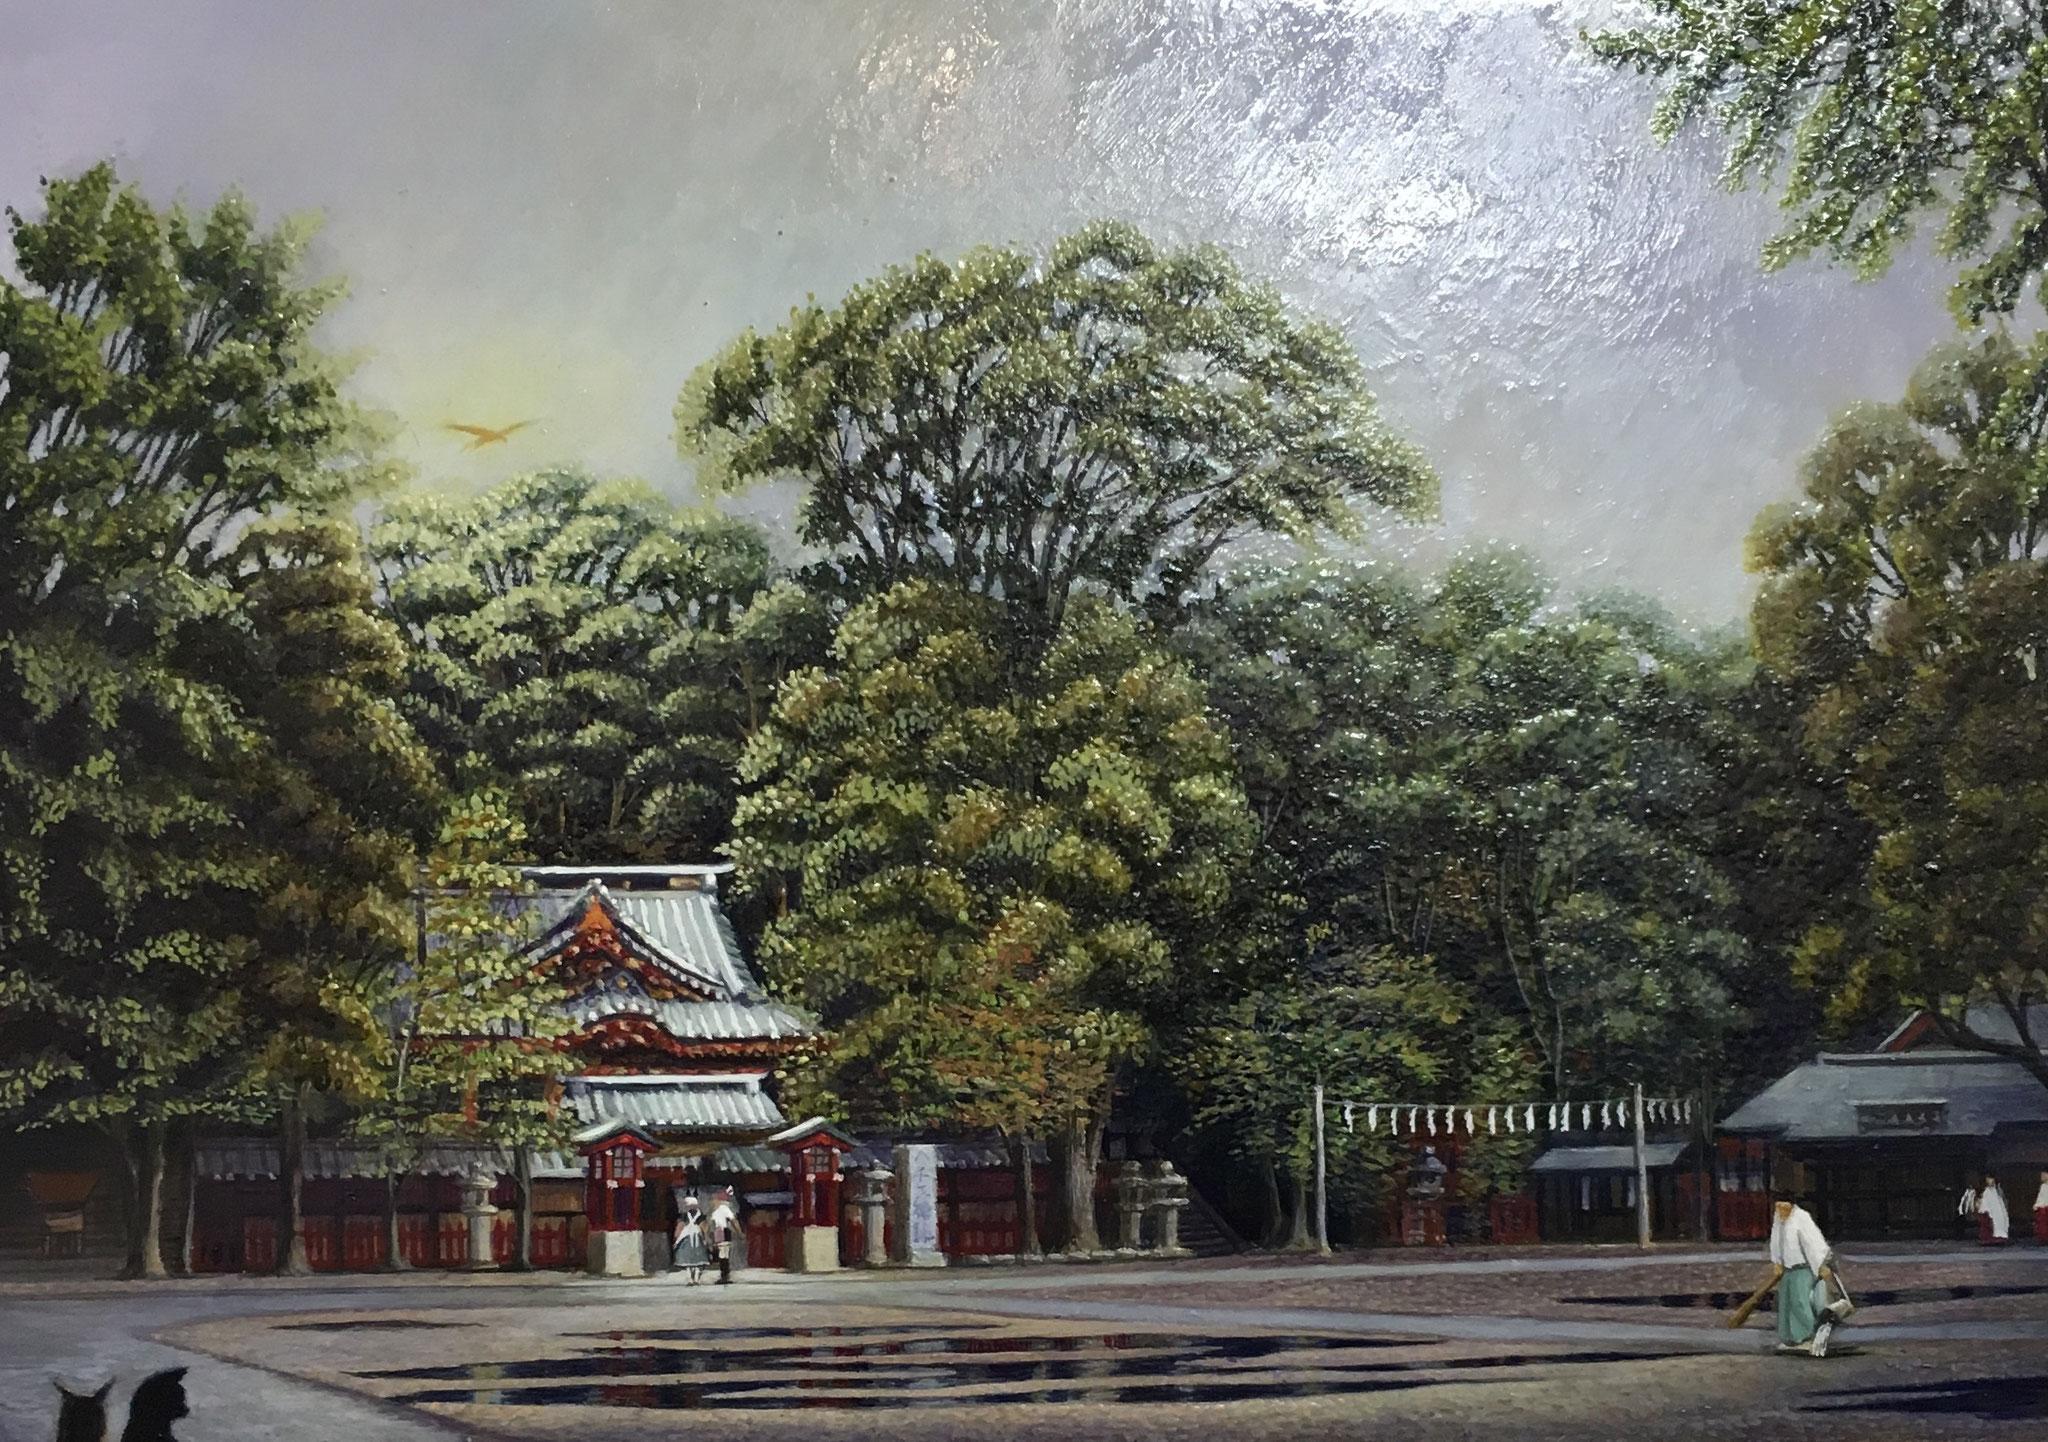 第6回 サムホール展静岡 市民賞 七宮詠時  「雨上がりの朝」